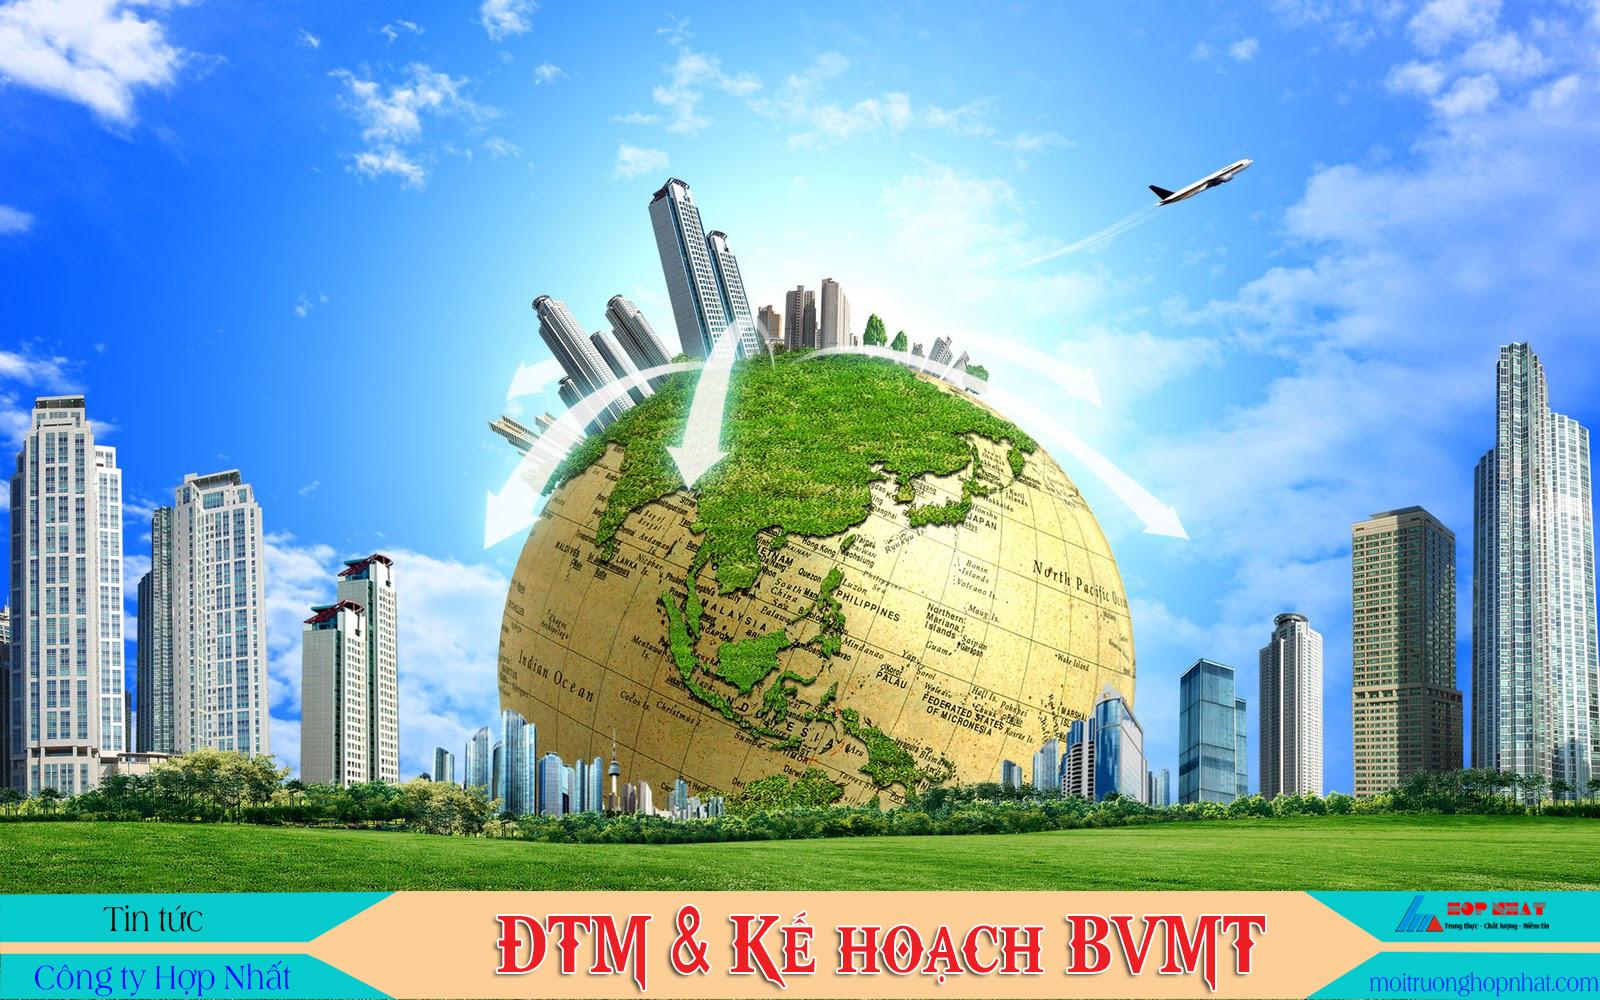 ĐTM và kế hoạch bảo vệ môi trường